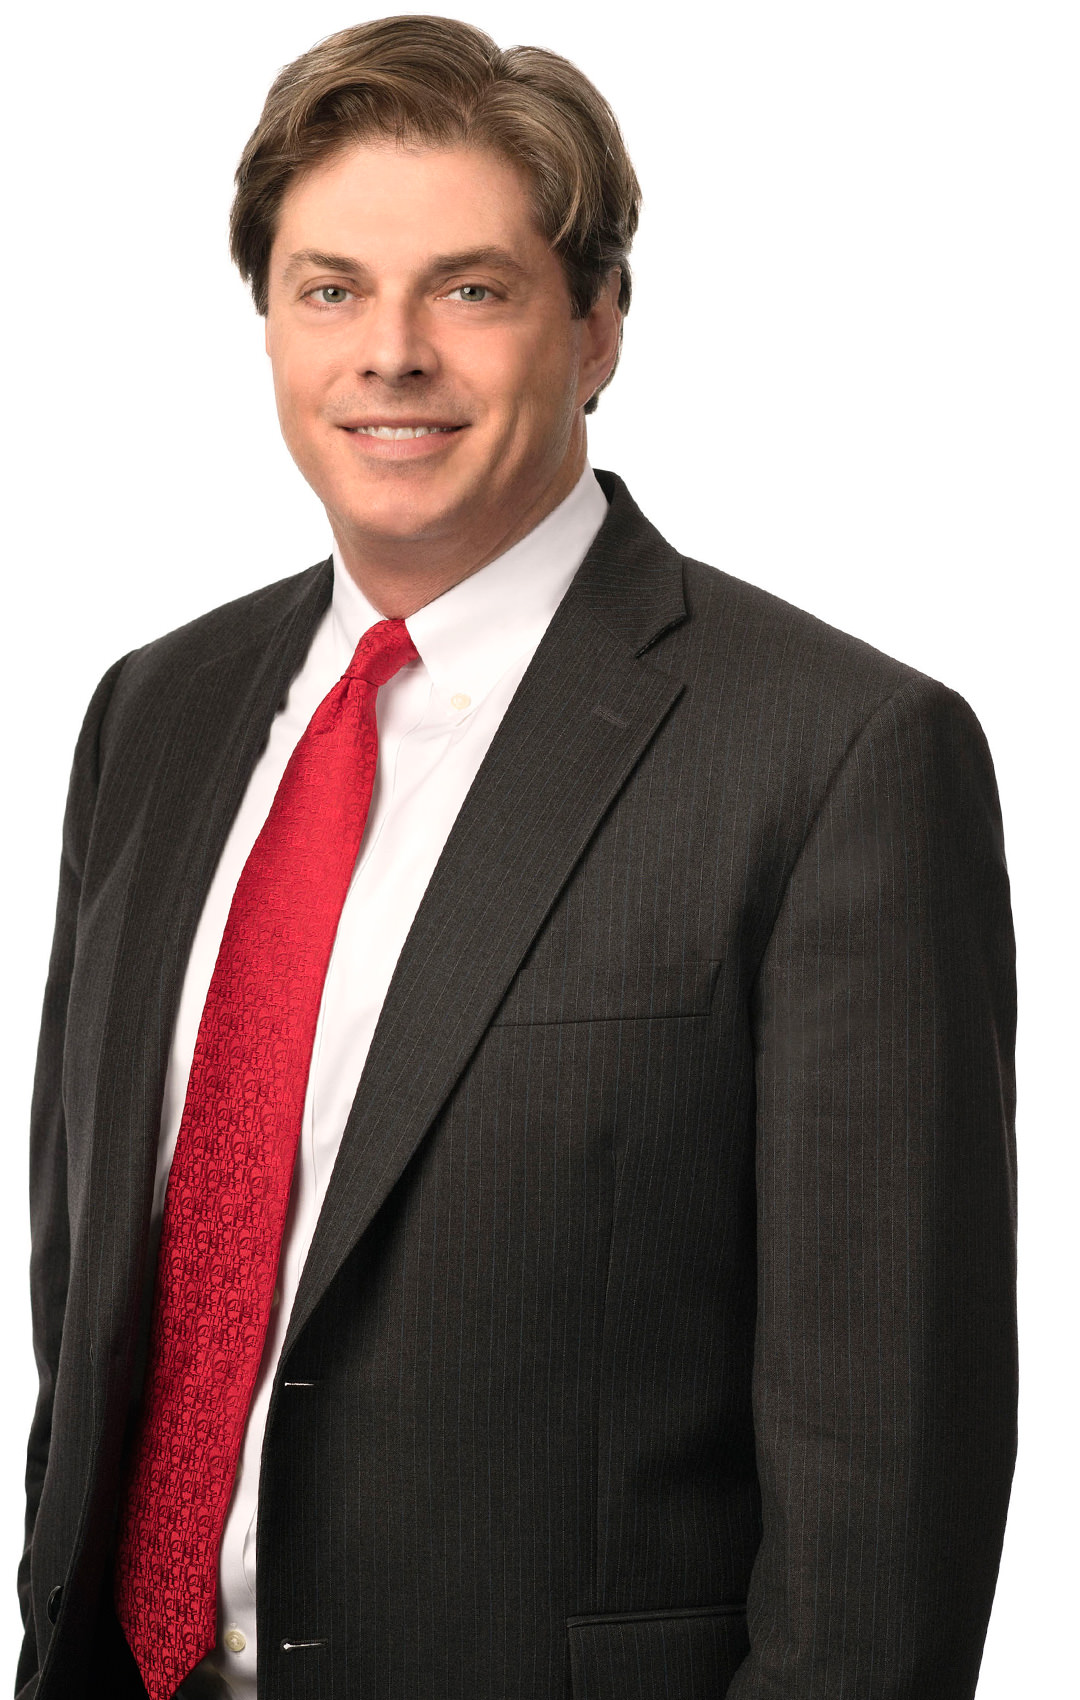 Jay Rogers